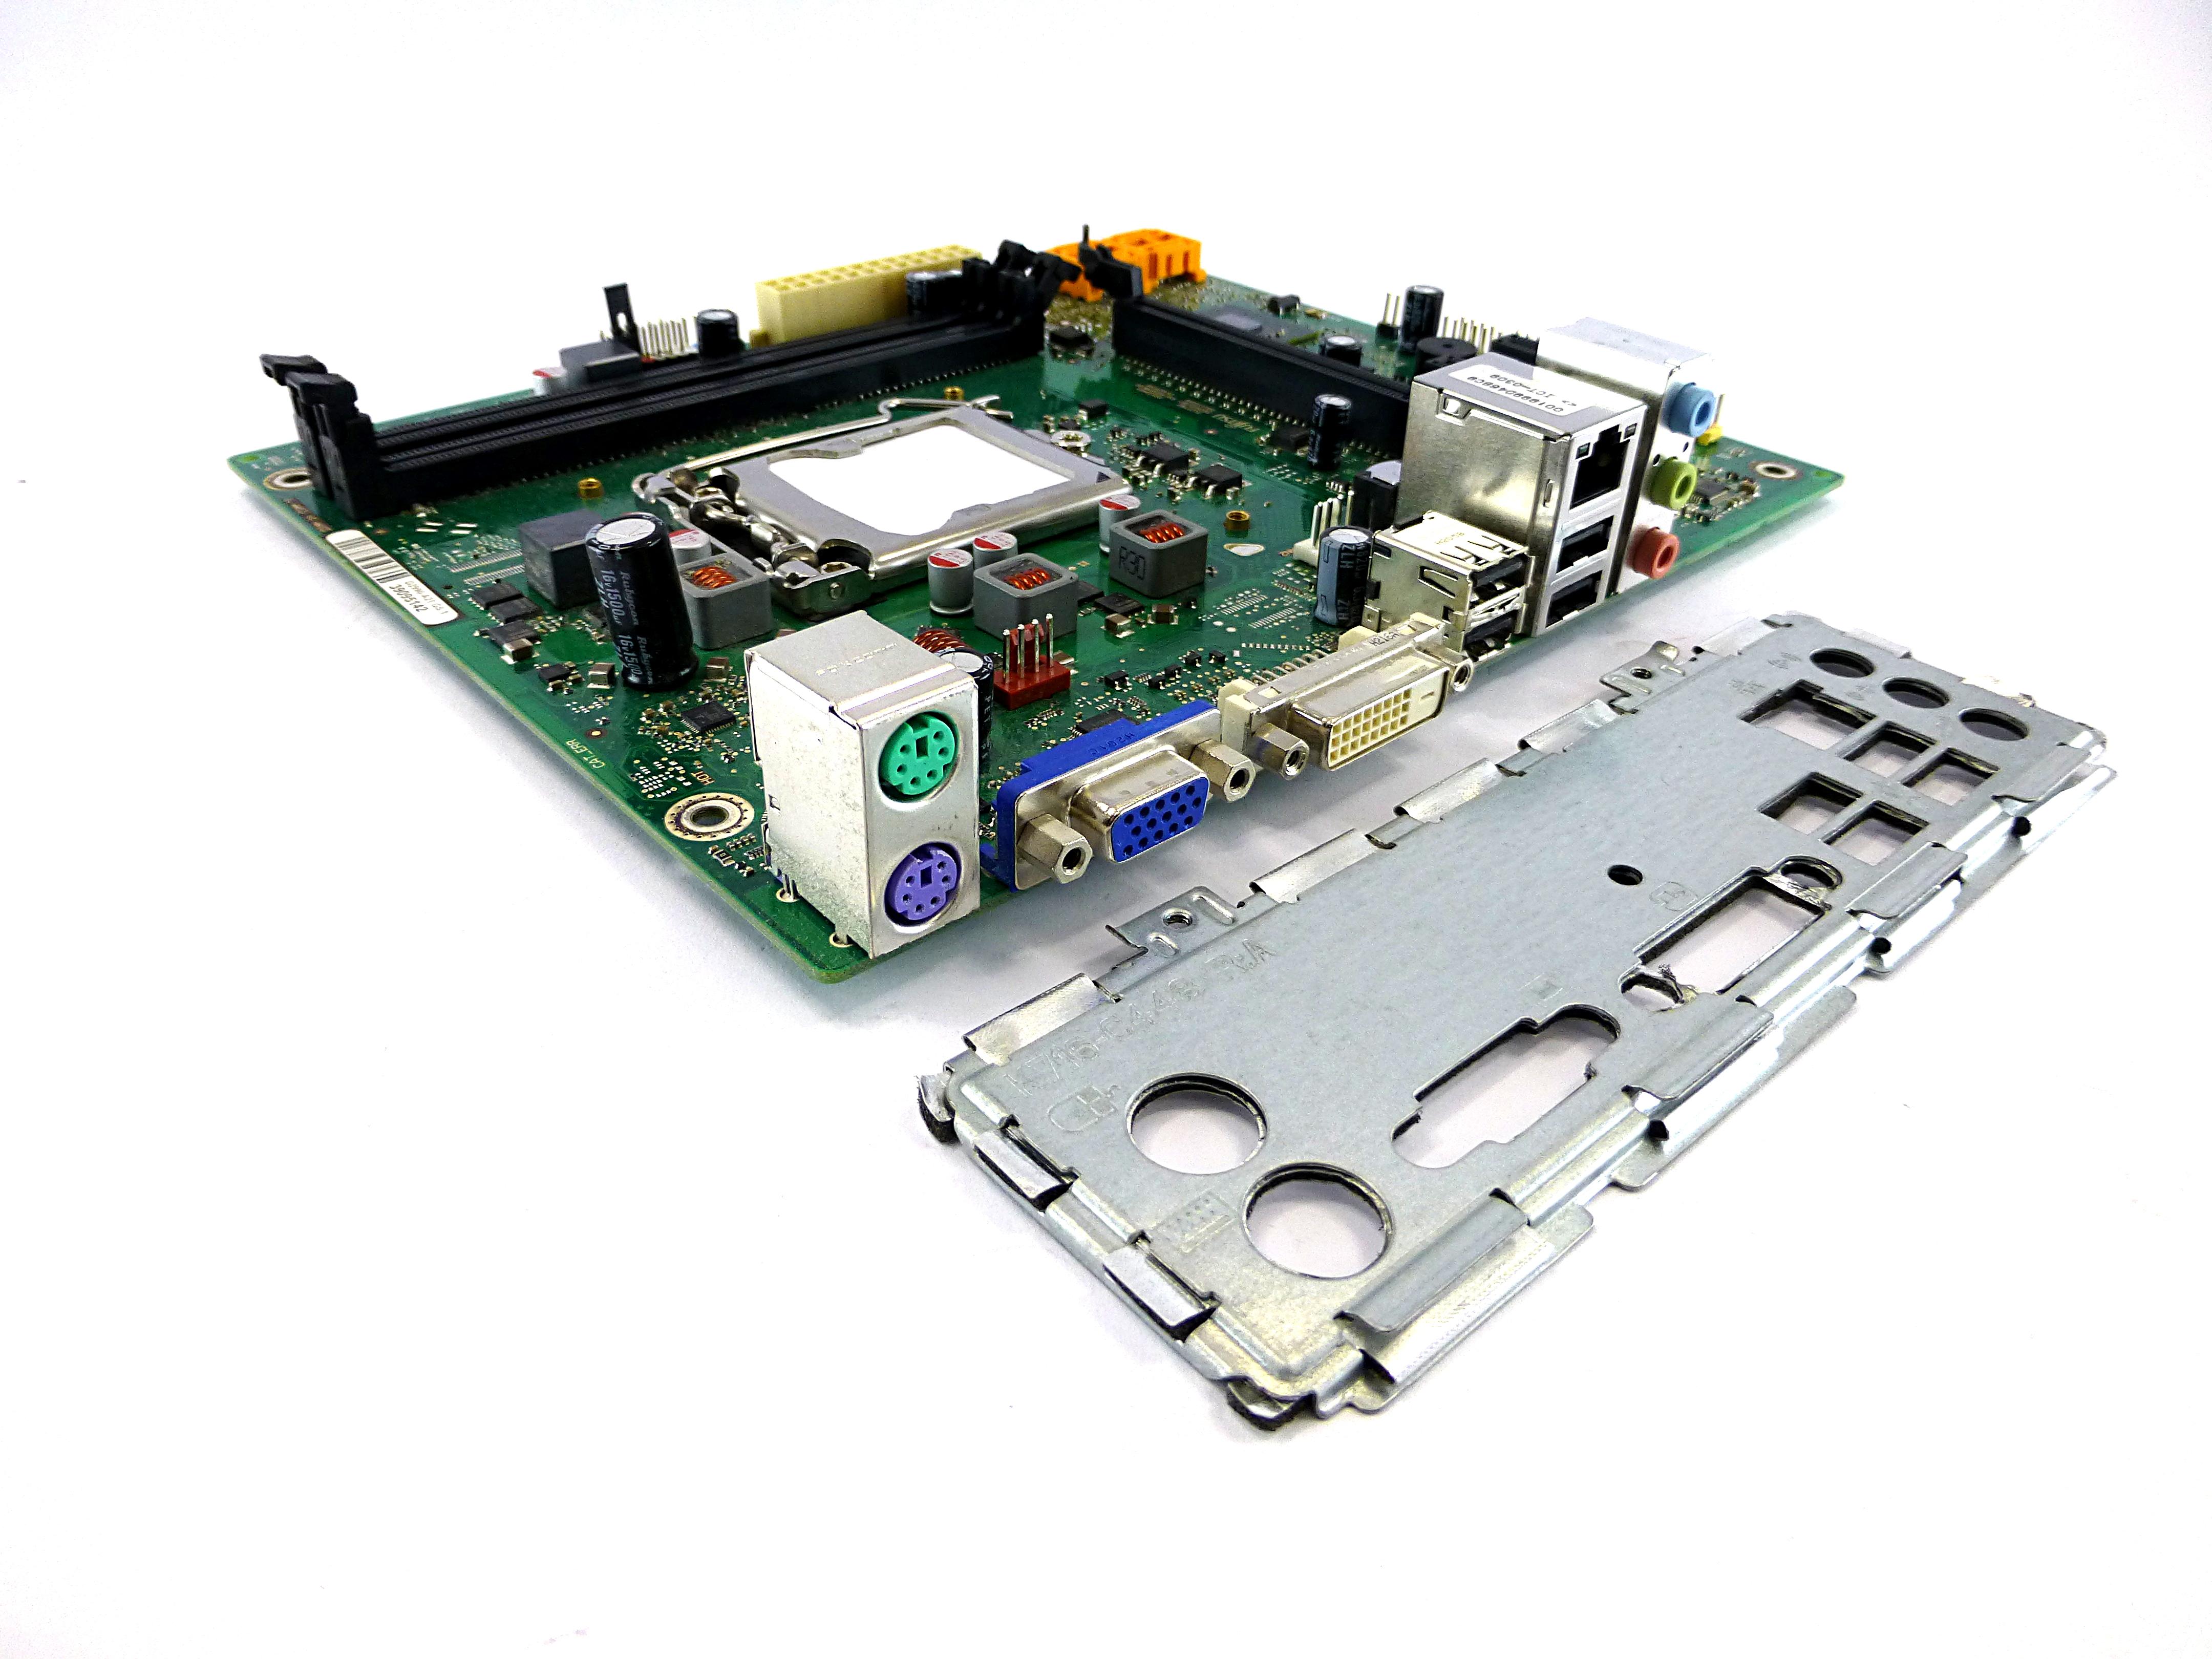 D2990-A21 GS 1 FUJITSU Socket 1155 DDR3 PCi-EX mATX Motherboard